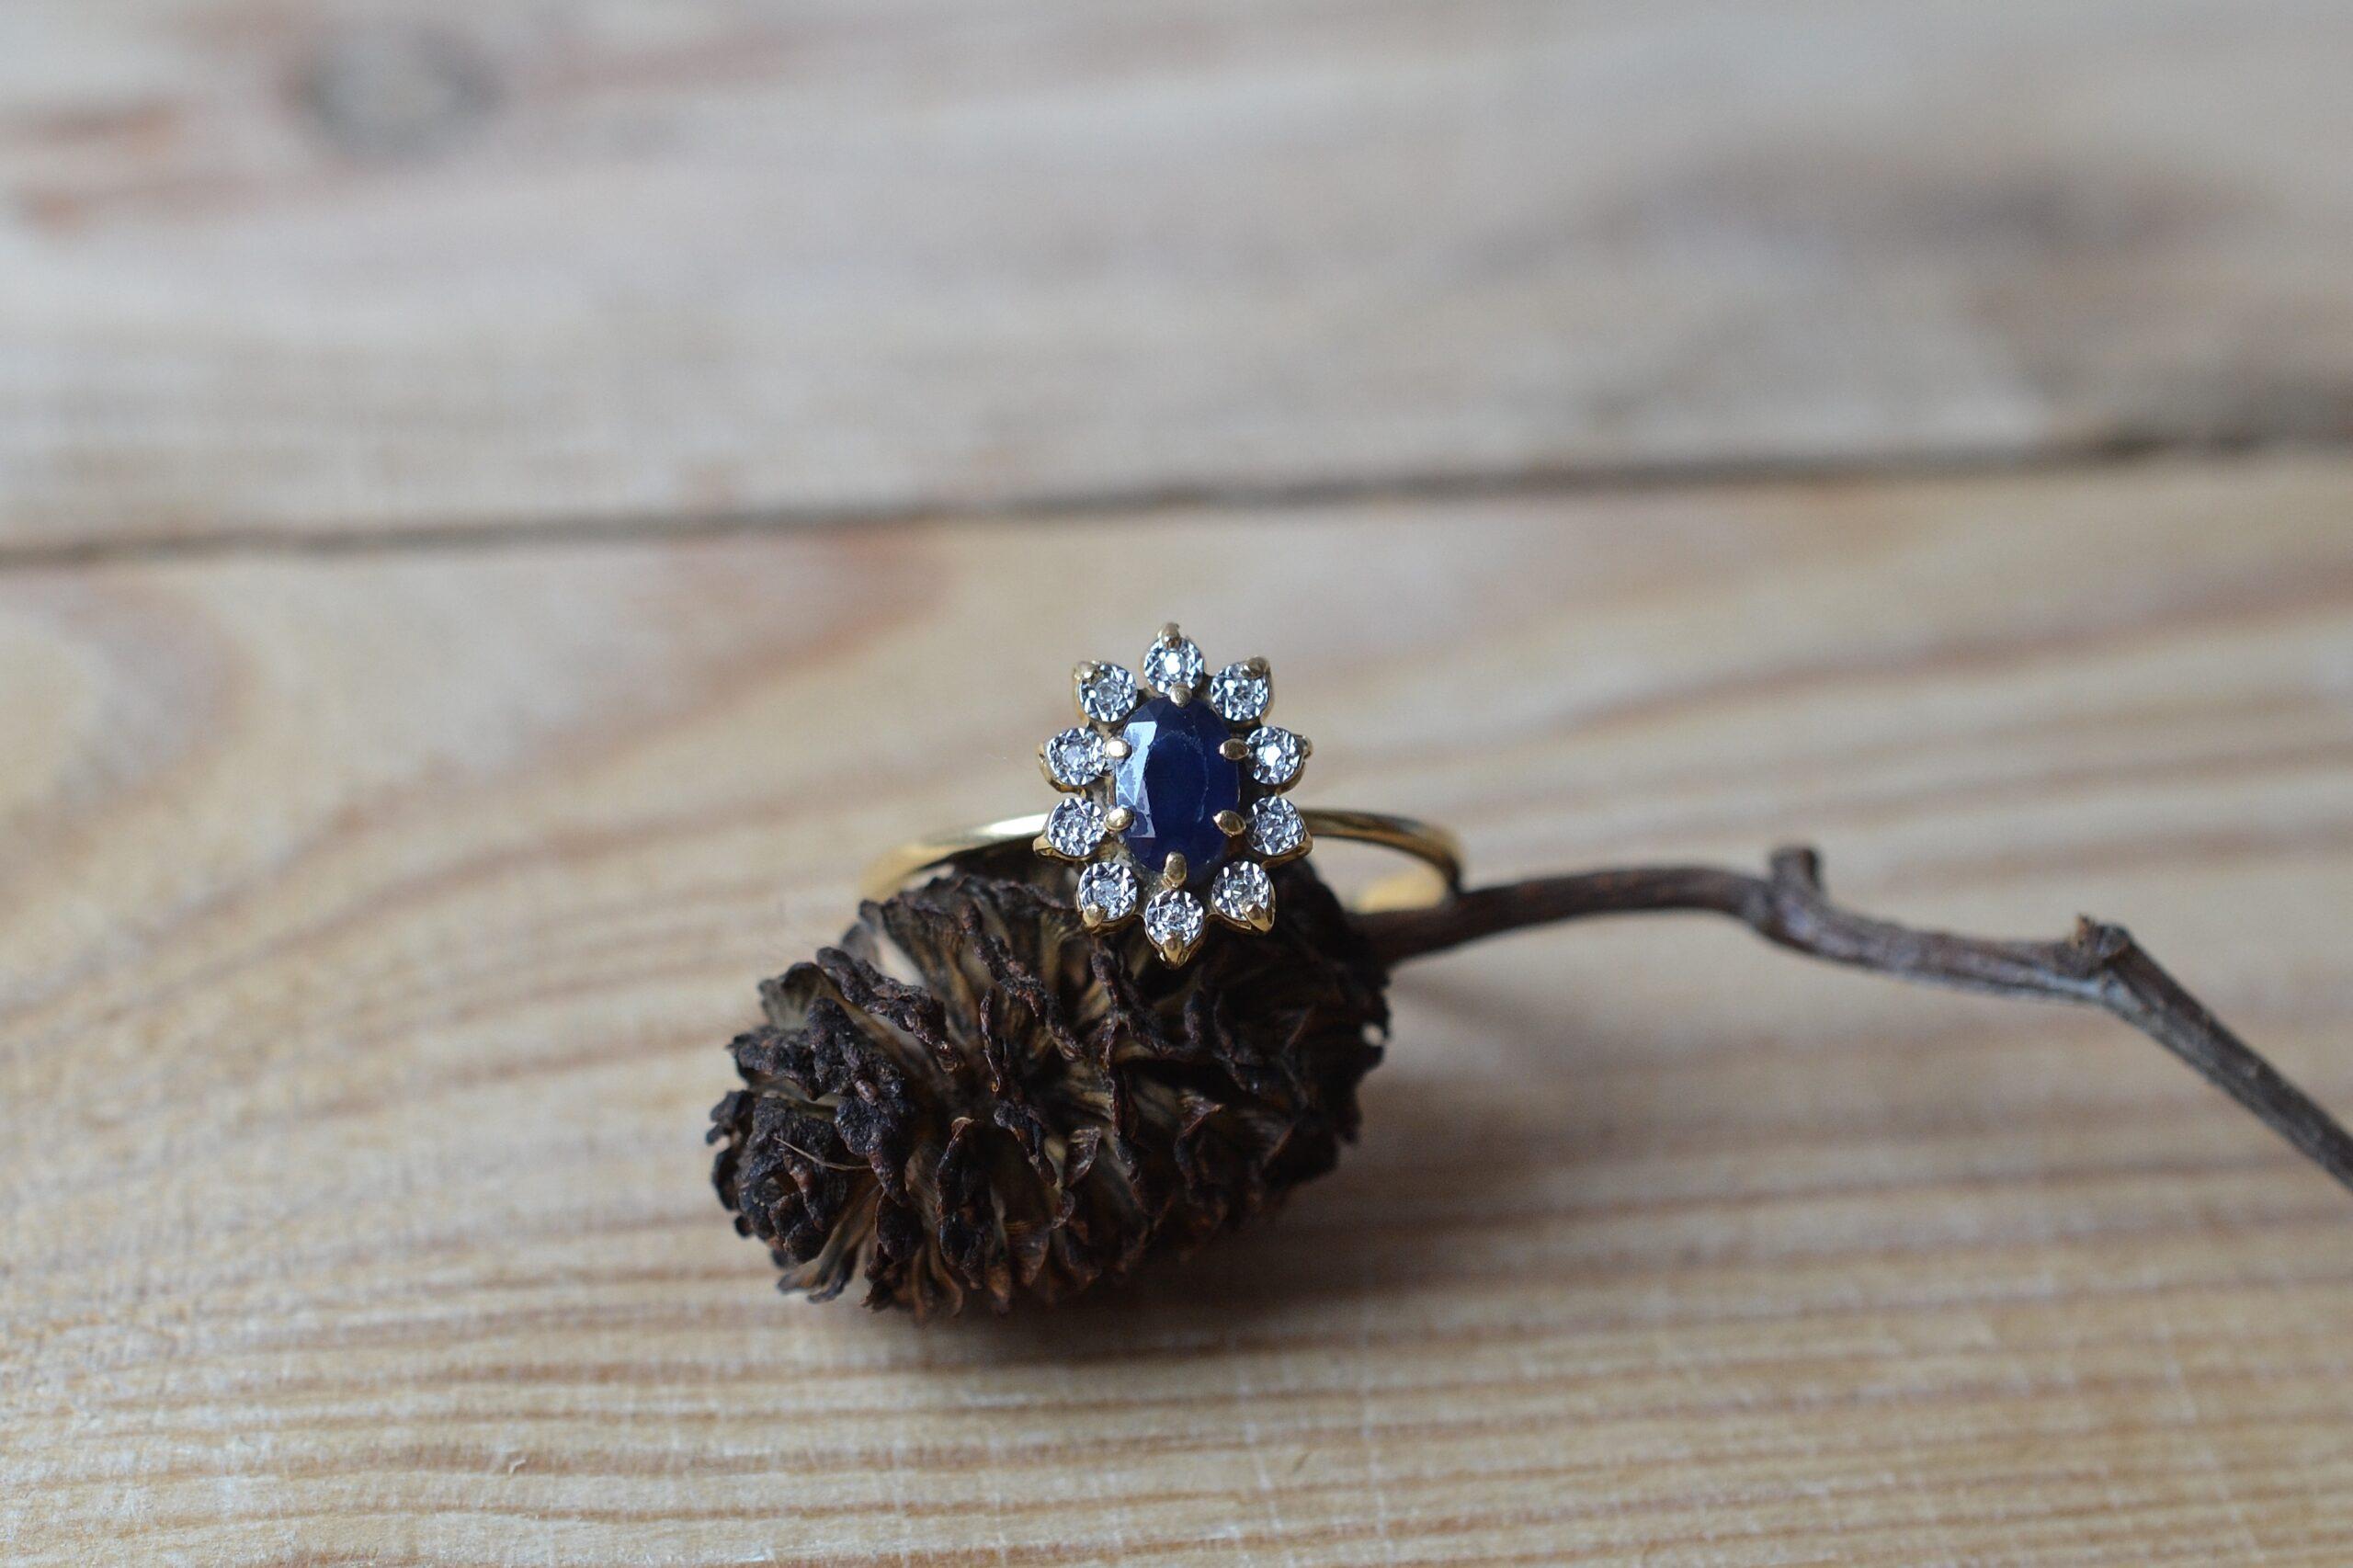 Bague Marguerite En Or Jaune Ornee D Un Saphir Et De Diamants Dans Un Entourage De Platine - Bague Retro